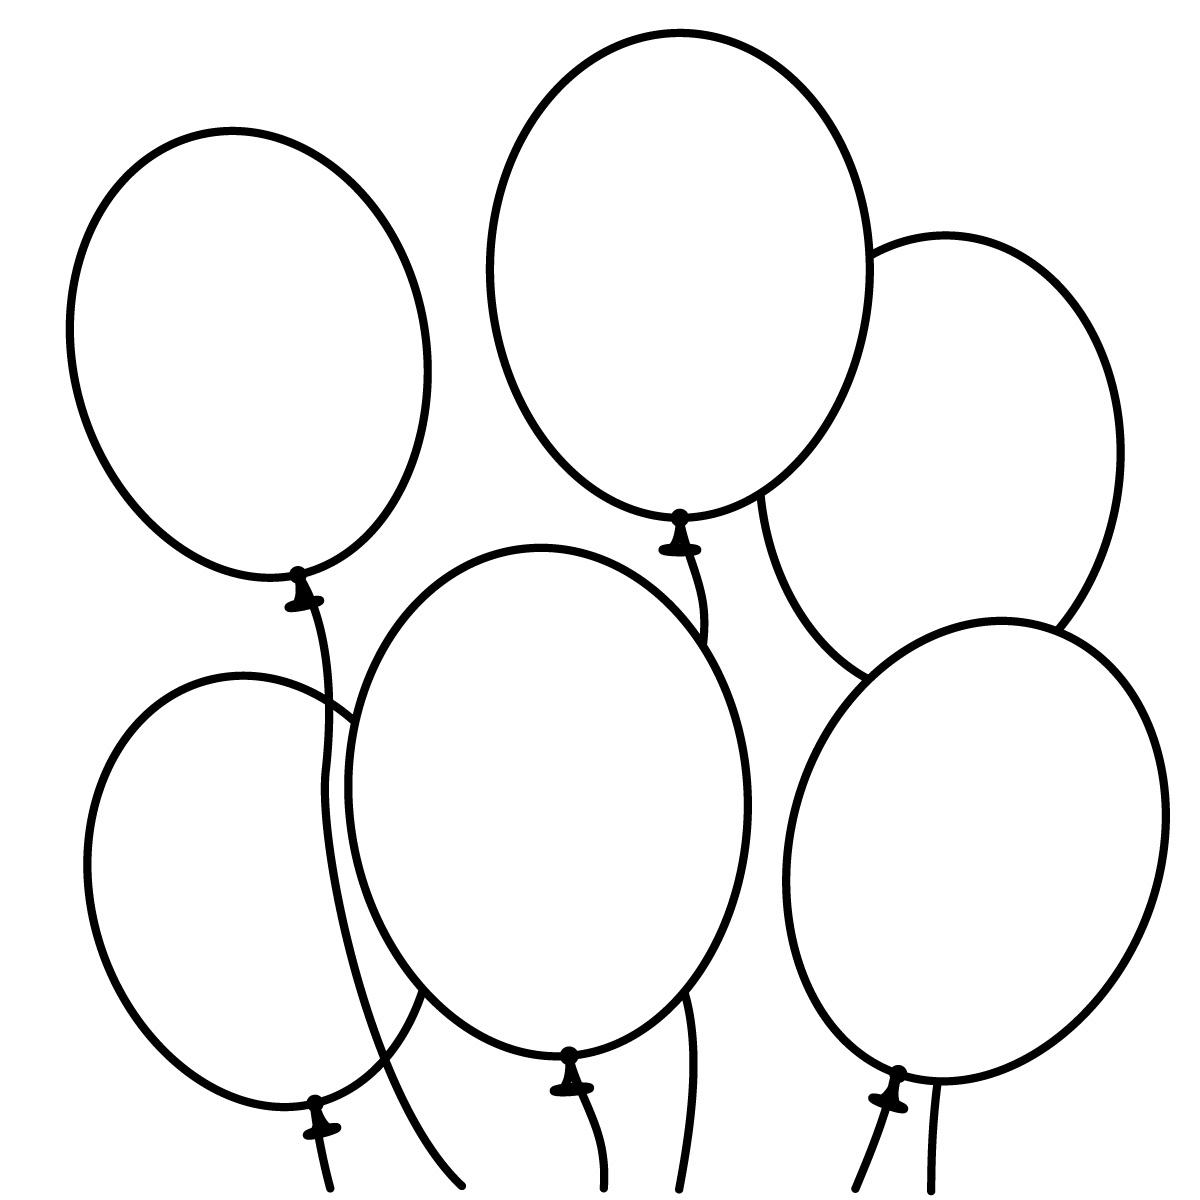 Coloriage ballons d'anniversaire